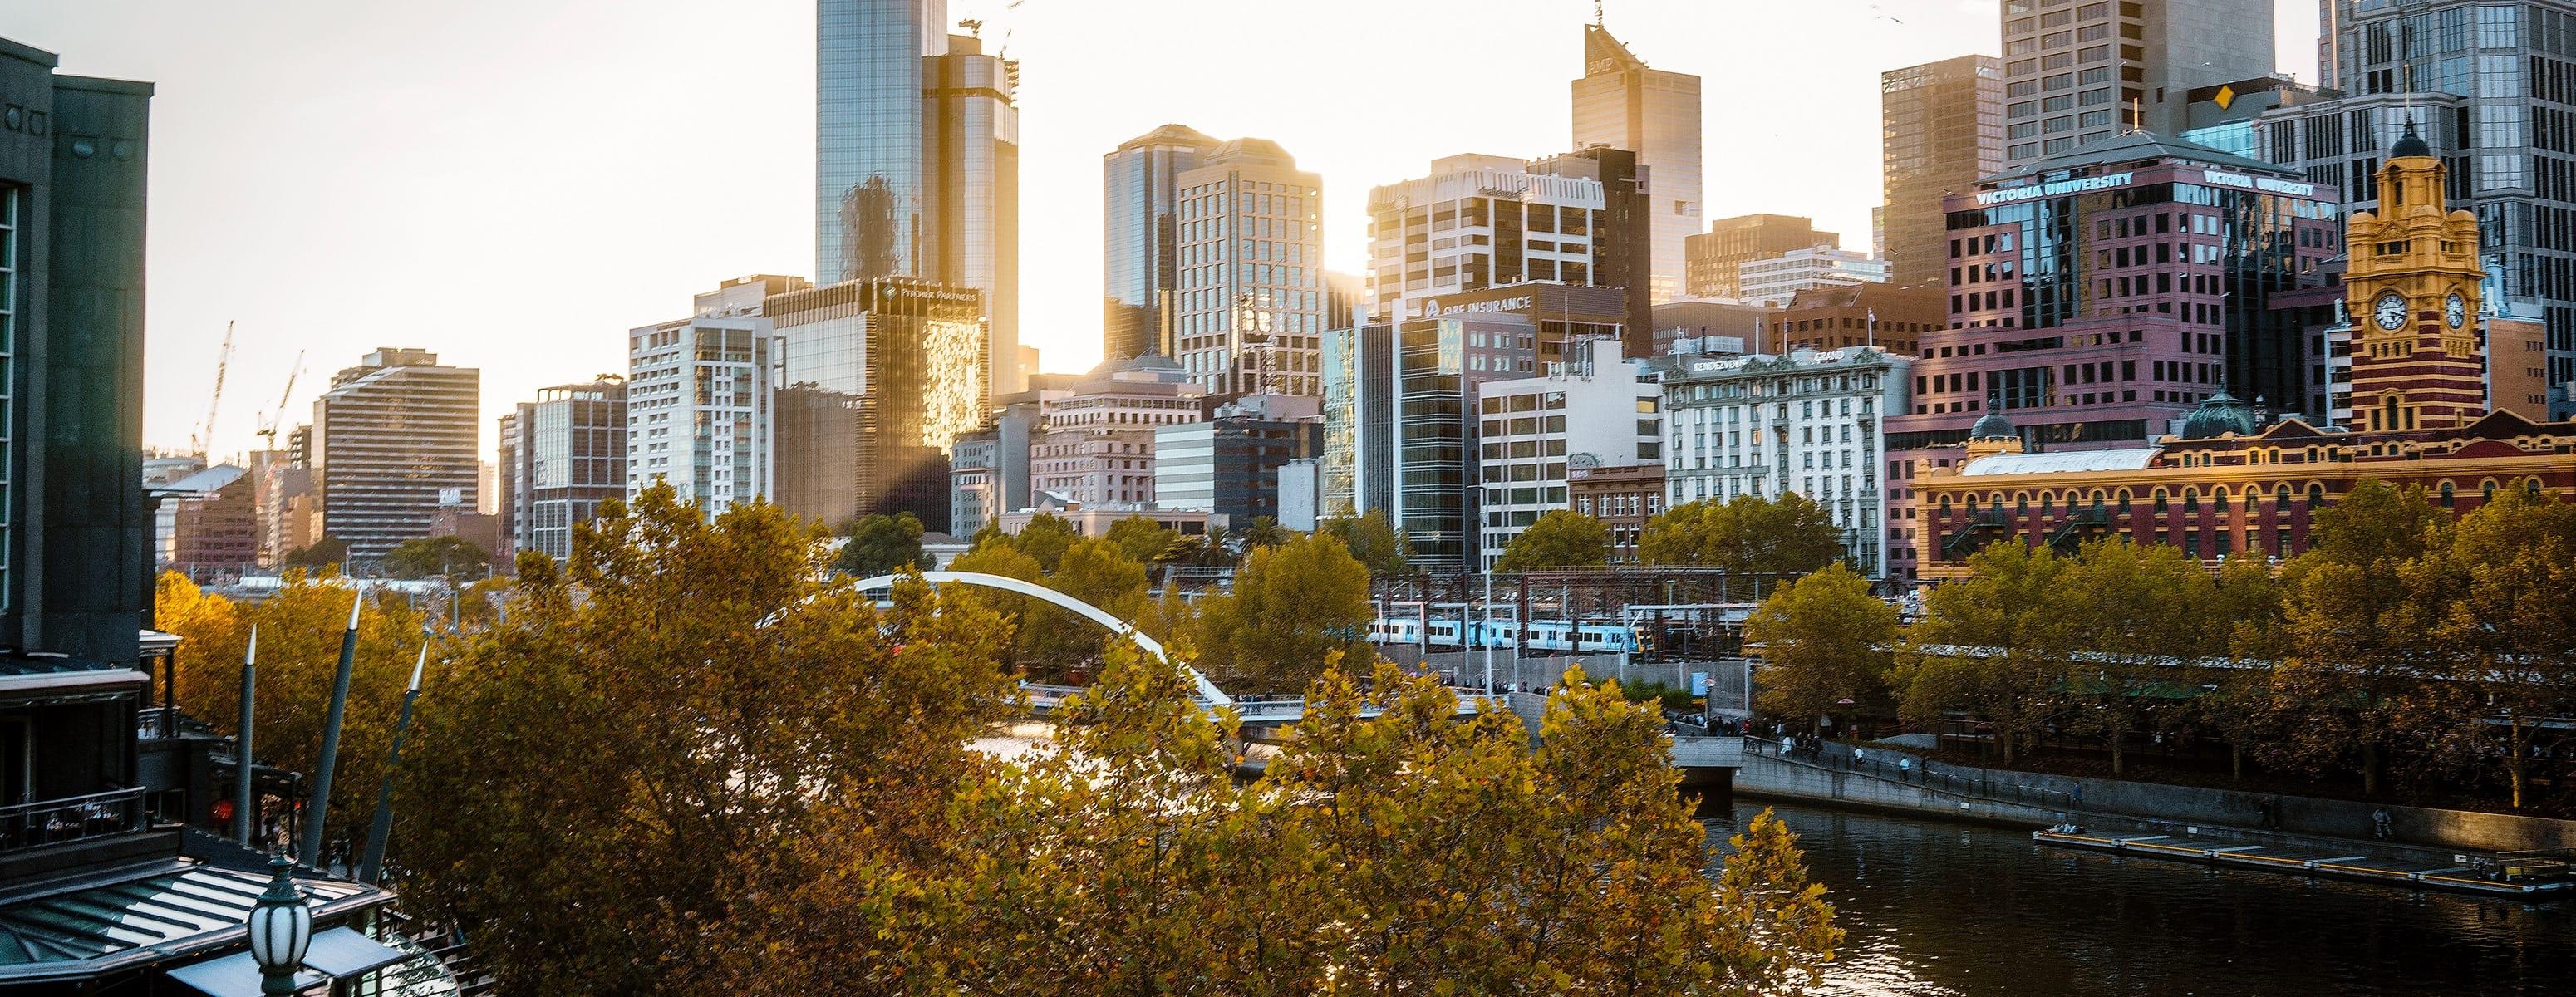 Melbourne 2018 (mit Fotos): Die 20 besten Unterkünfte in Melbourne ...